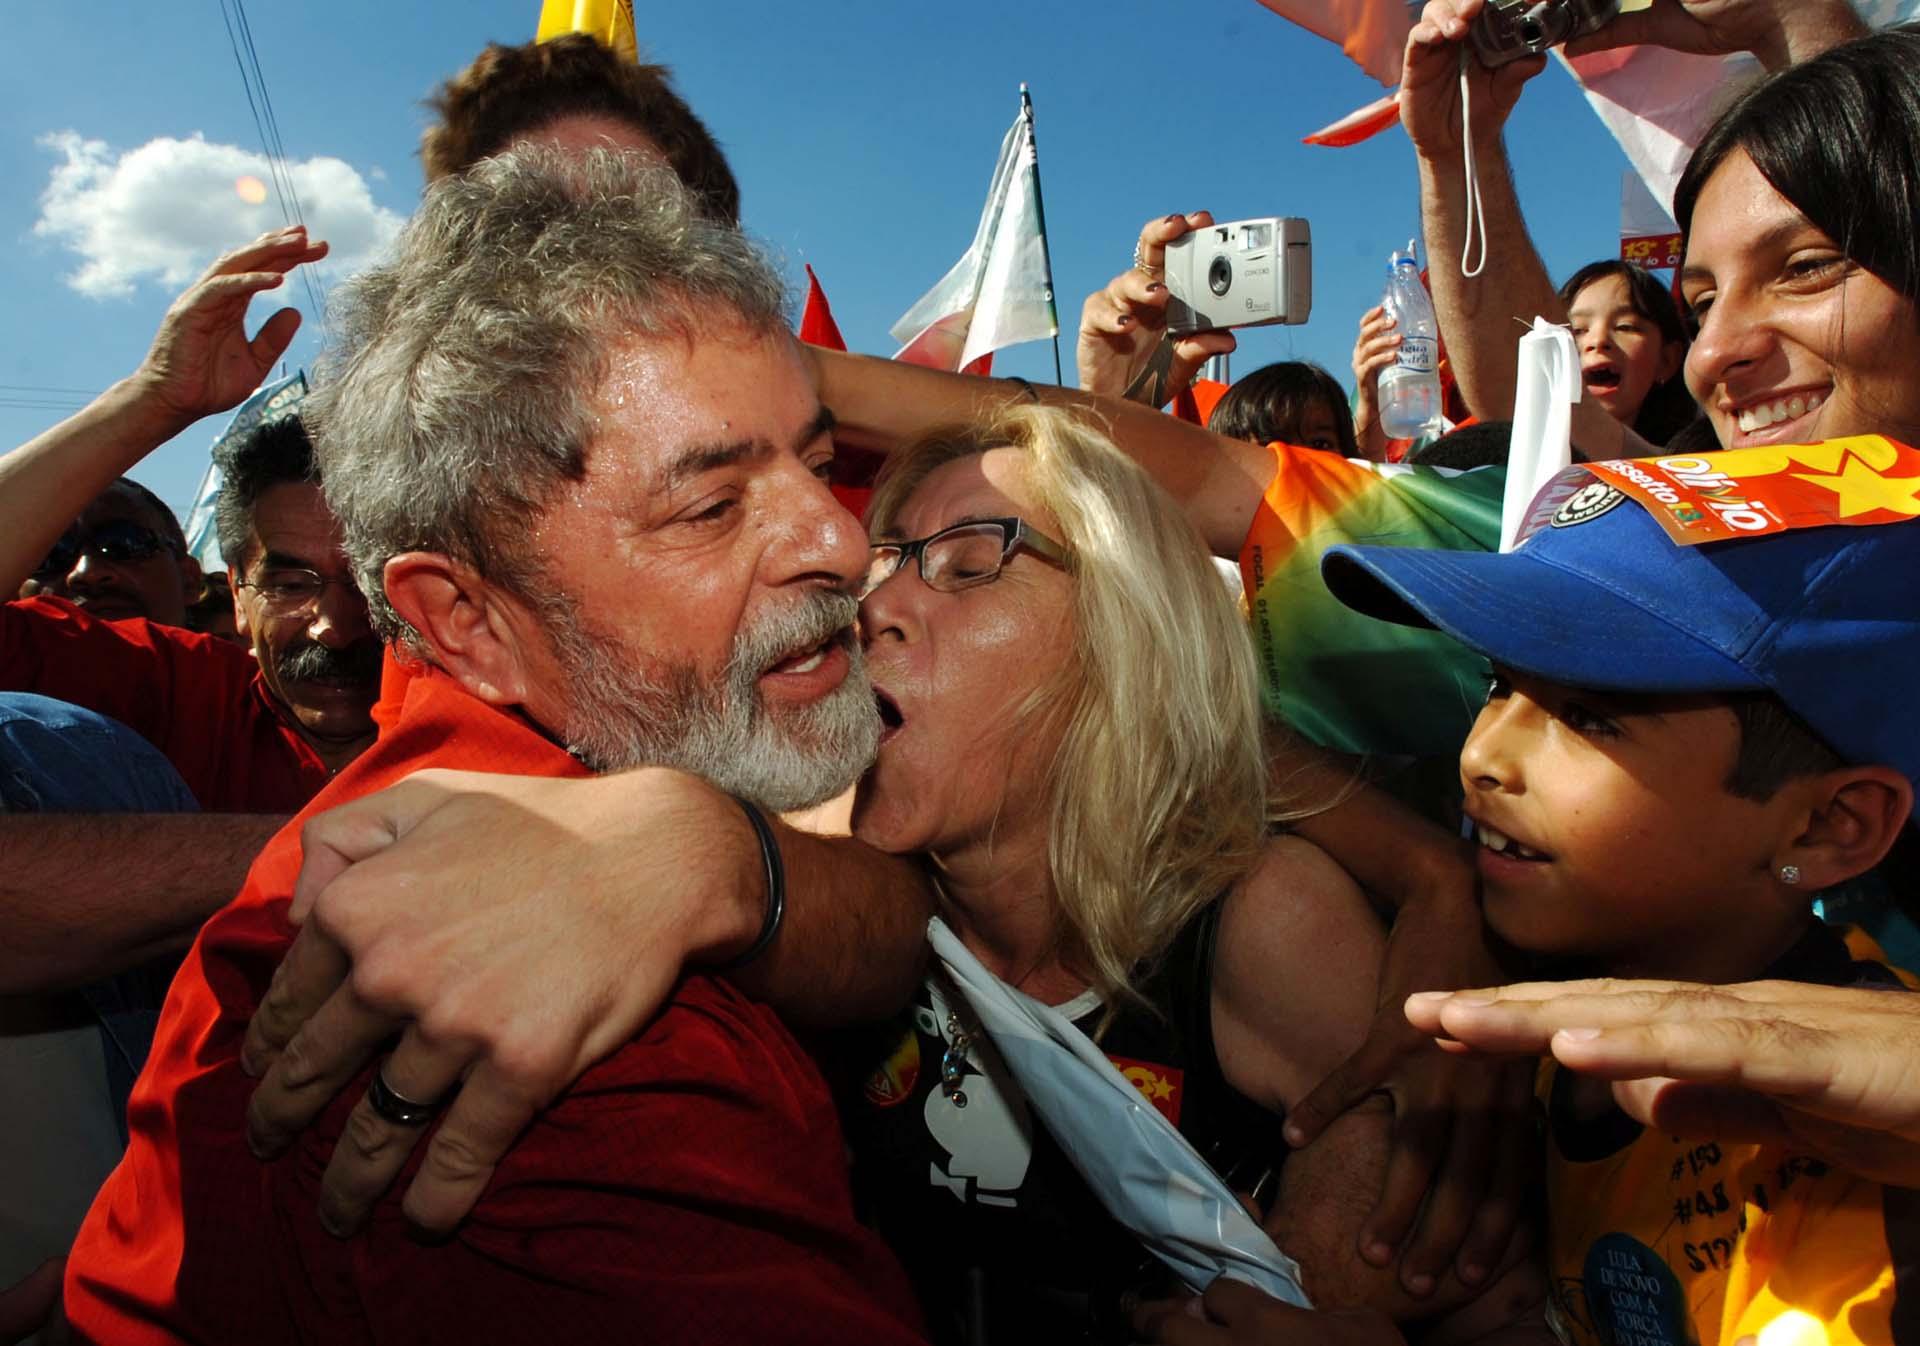 Tras un primer período presidencial, el líder del PT lanzó su candidatura para la reelección. Miles de militantes fueron a apoyarlo durante un acto de campaña en Porto Alegre (Reuters/Diego Vara)